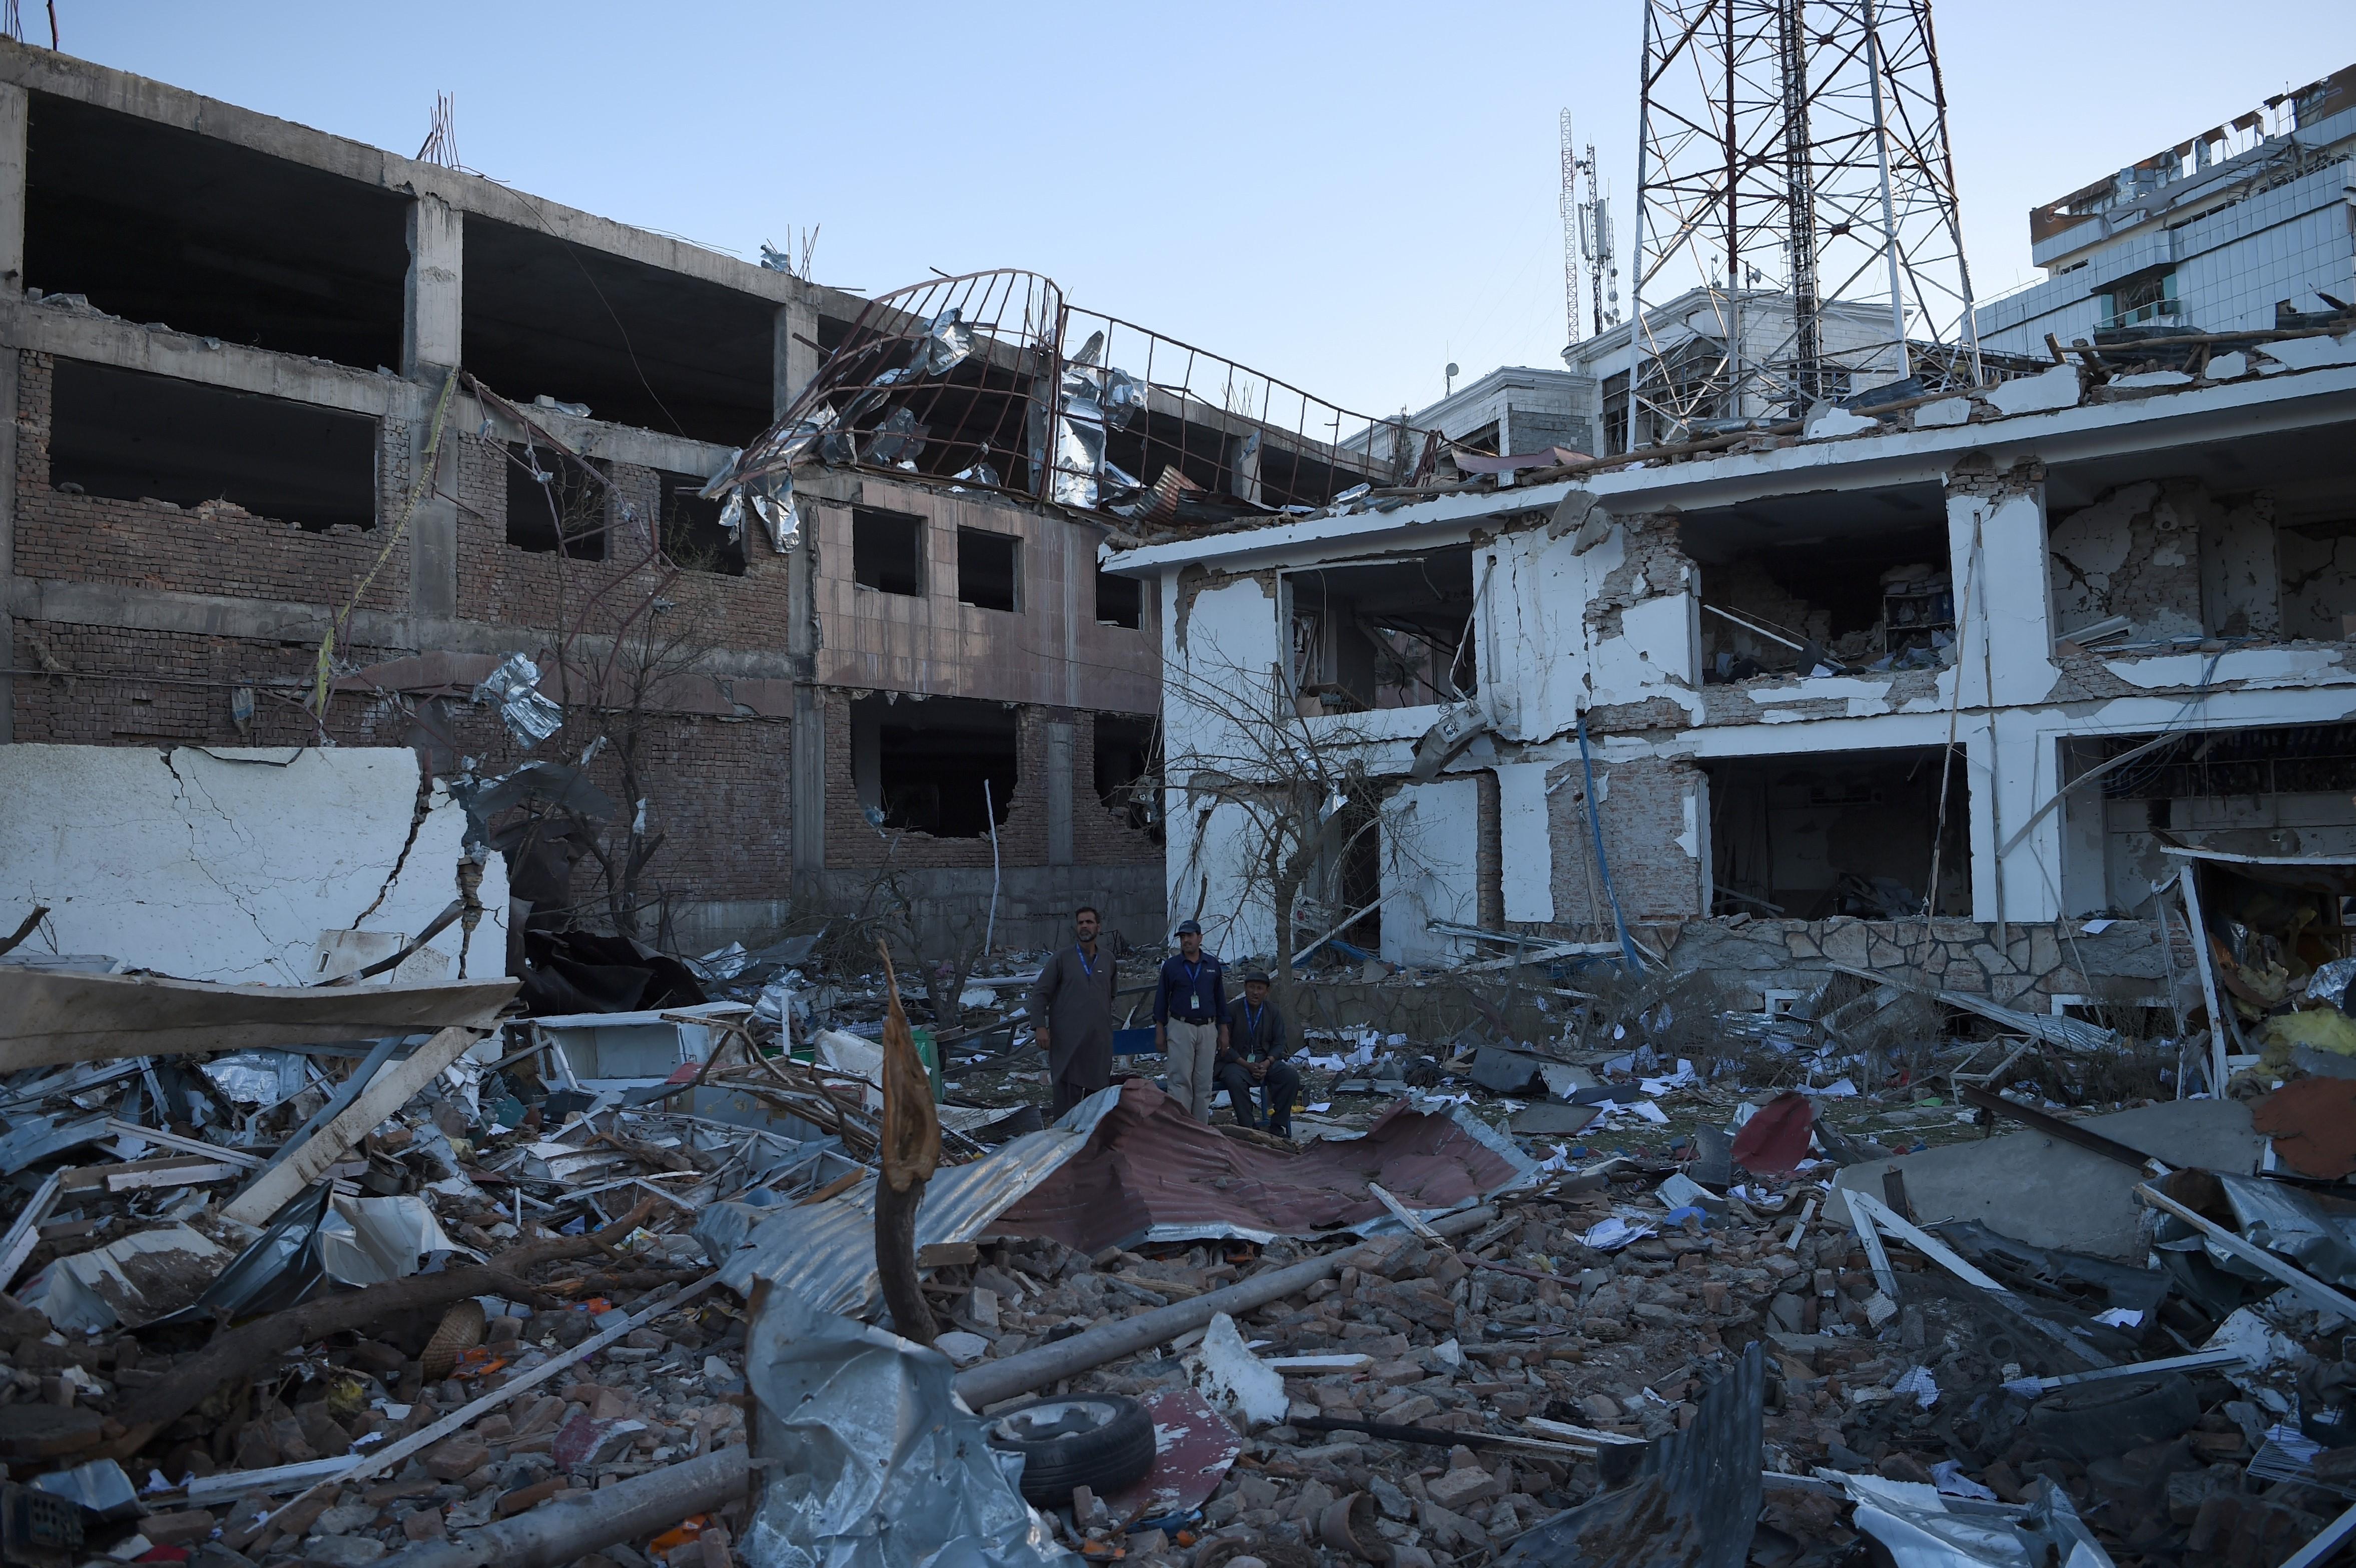 تردید کابل در پی عدم قبول مسئولیت مشارکت در حملات توسط طالبان